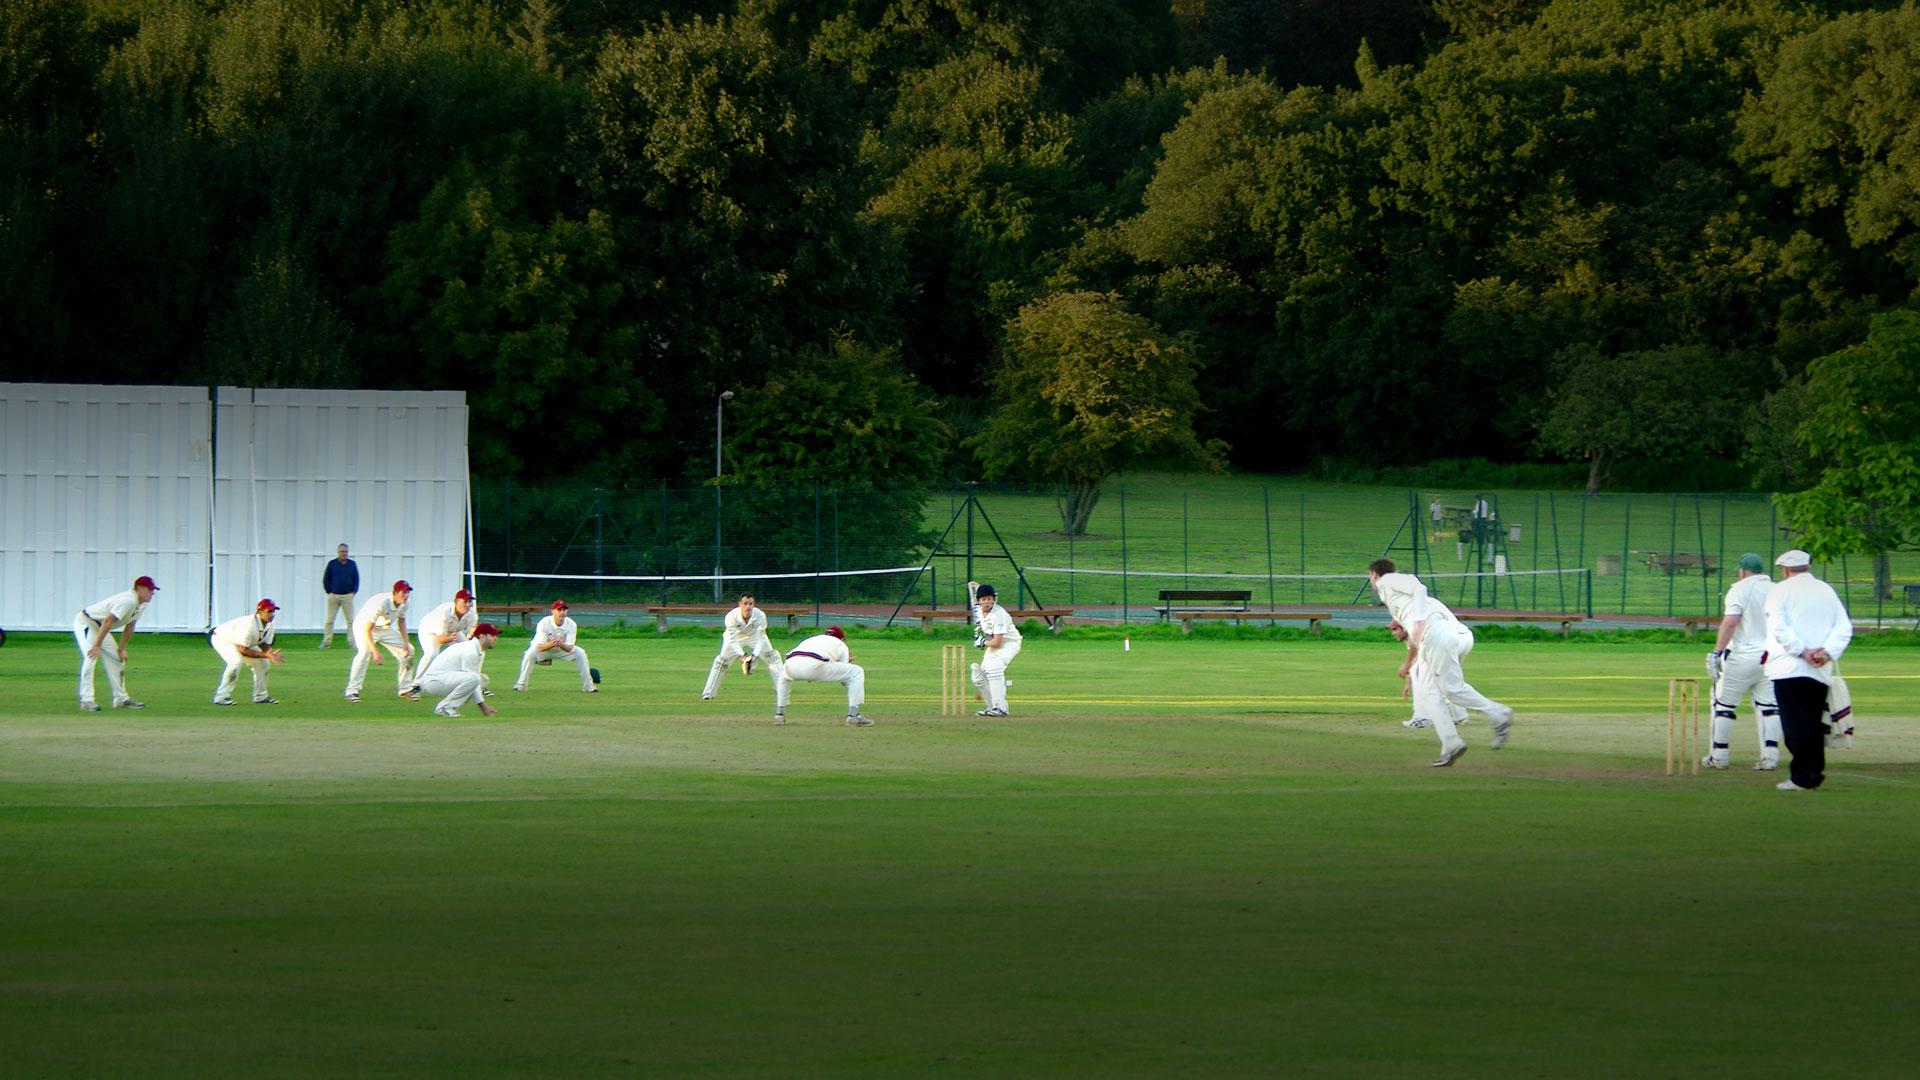 ilkley-cricket-club-bowling-slips-local-cricket.jpg